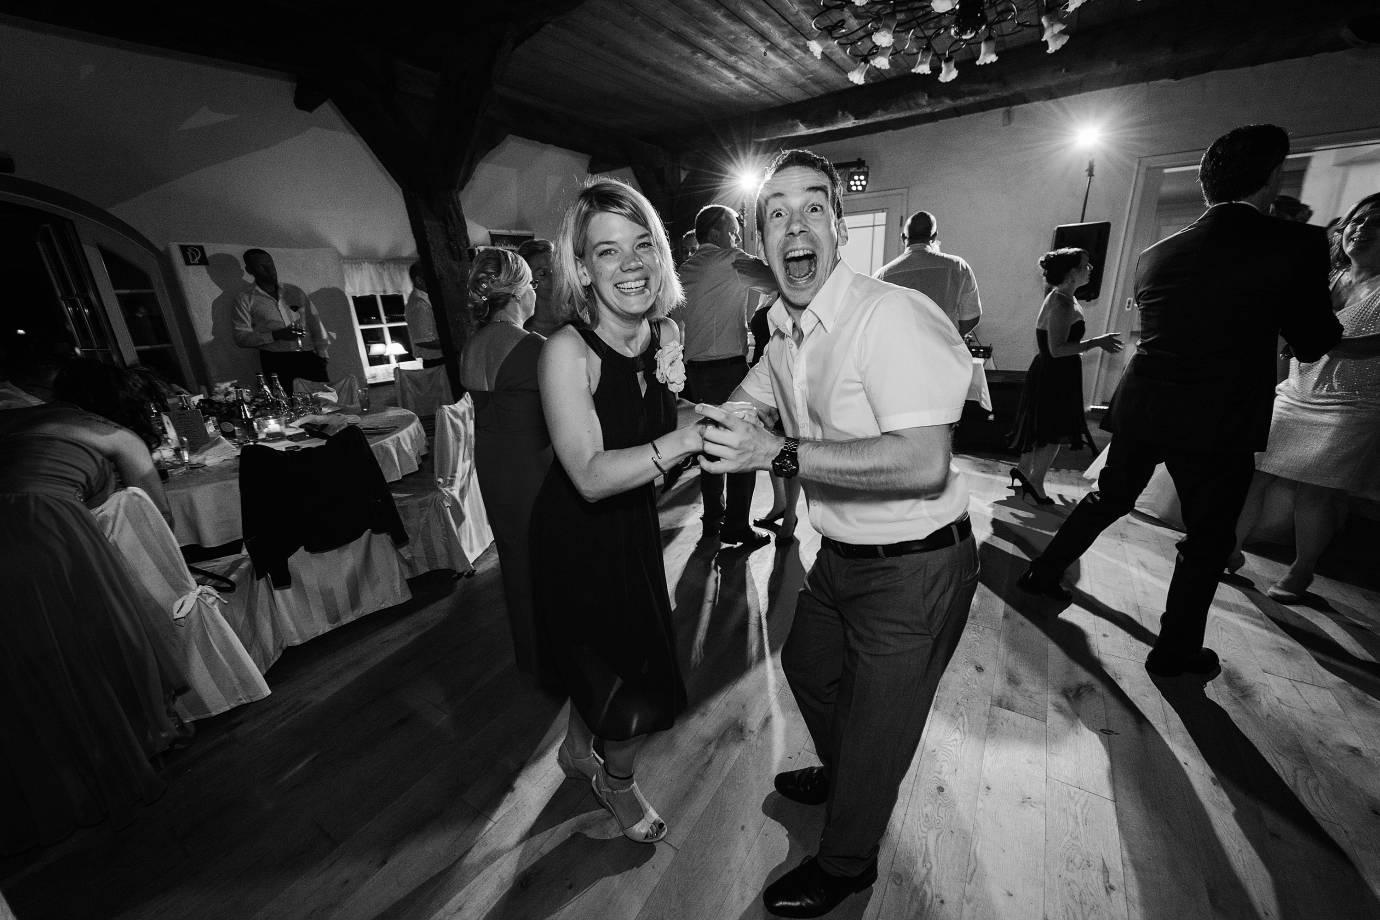 hochzeitsfotograf kirchseelte 195 - Sabrina+Lars